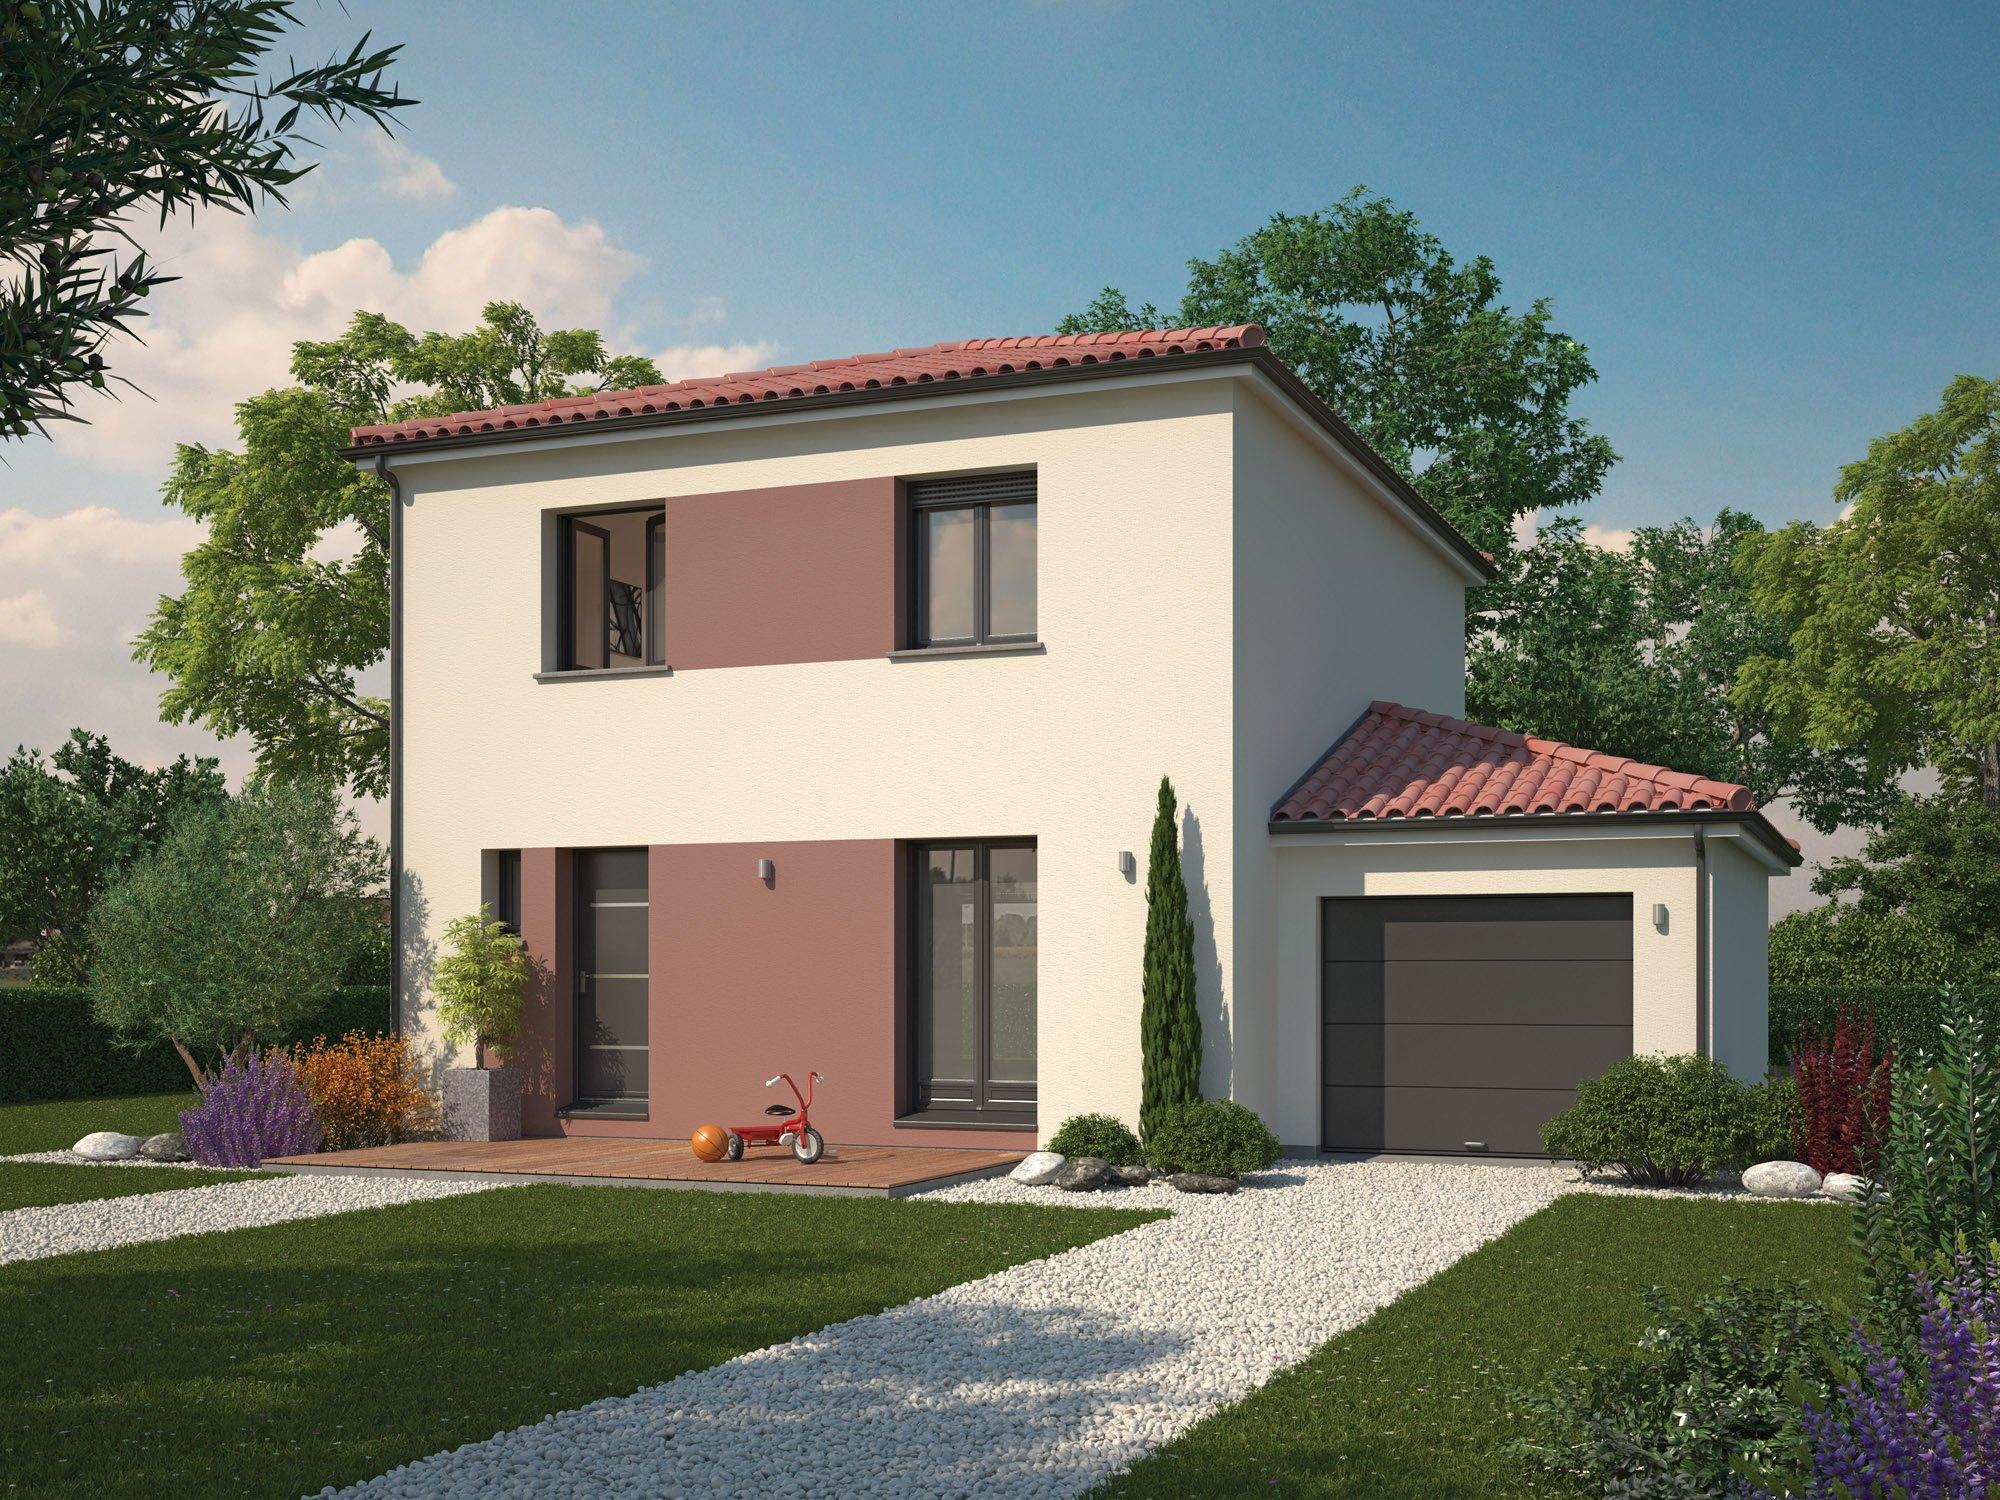 Maisons + Terrains du constructeur MAISON FAMILIALE • 84 m² • VILLEFRANCHE SUR SAONE